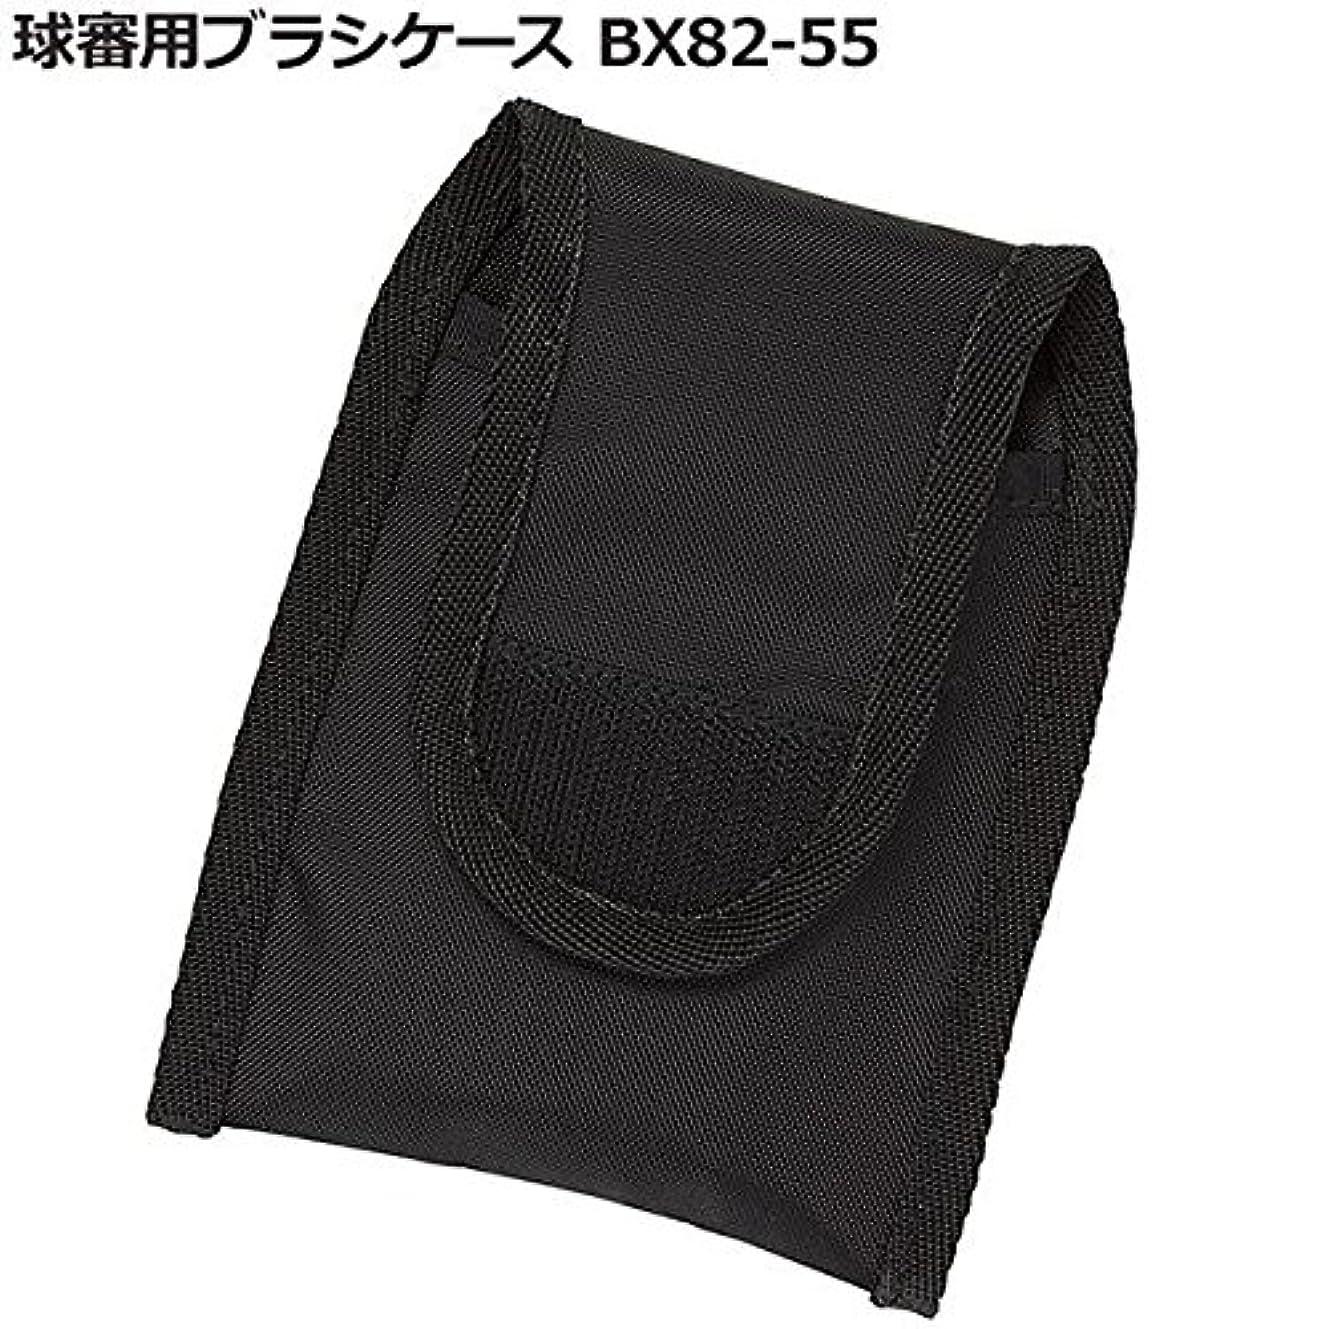 歌うピストングレートオーク球審用ブラシケース BX82-55